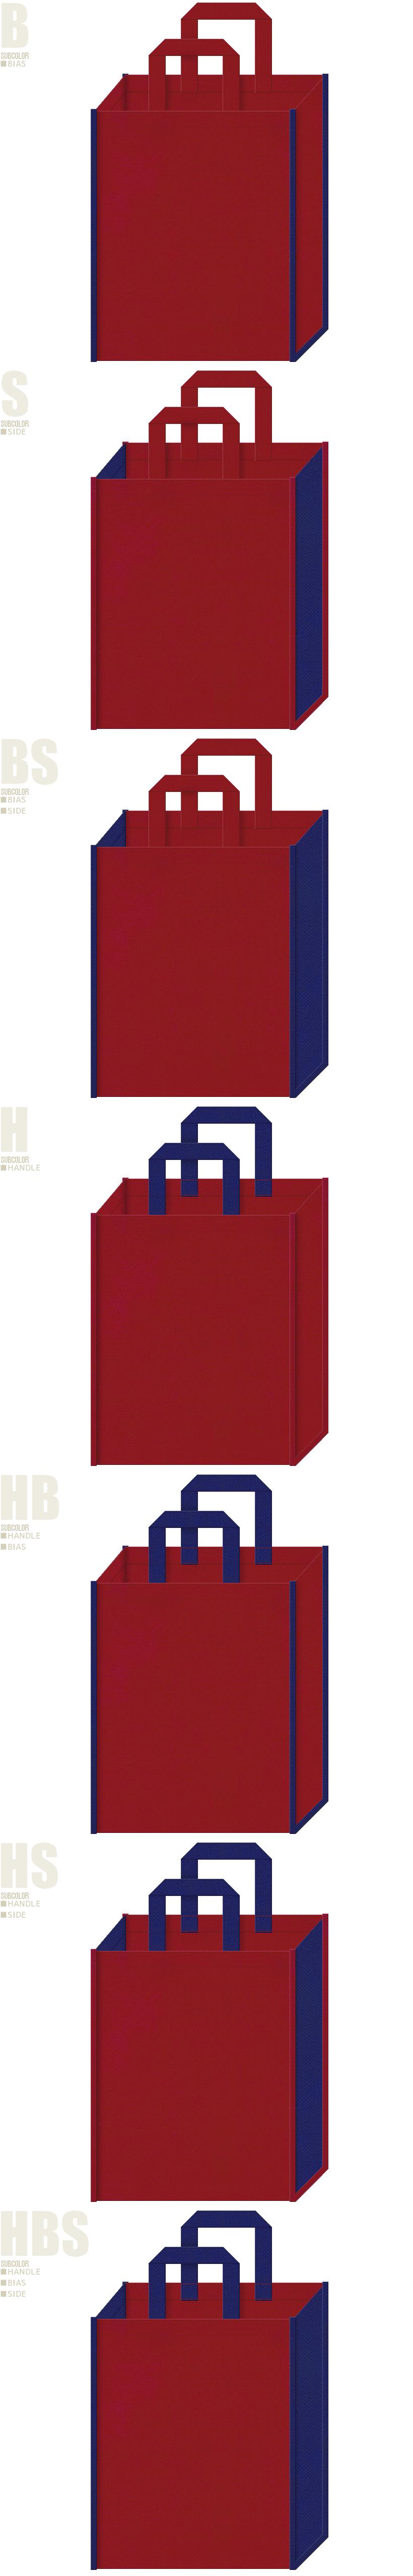 エンジ色と明るめの紺色、7パターンの不織布トートバッグ配色デザイン例。